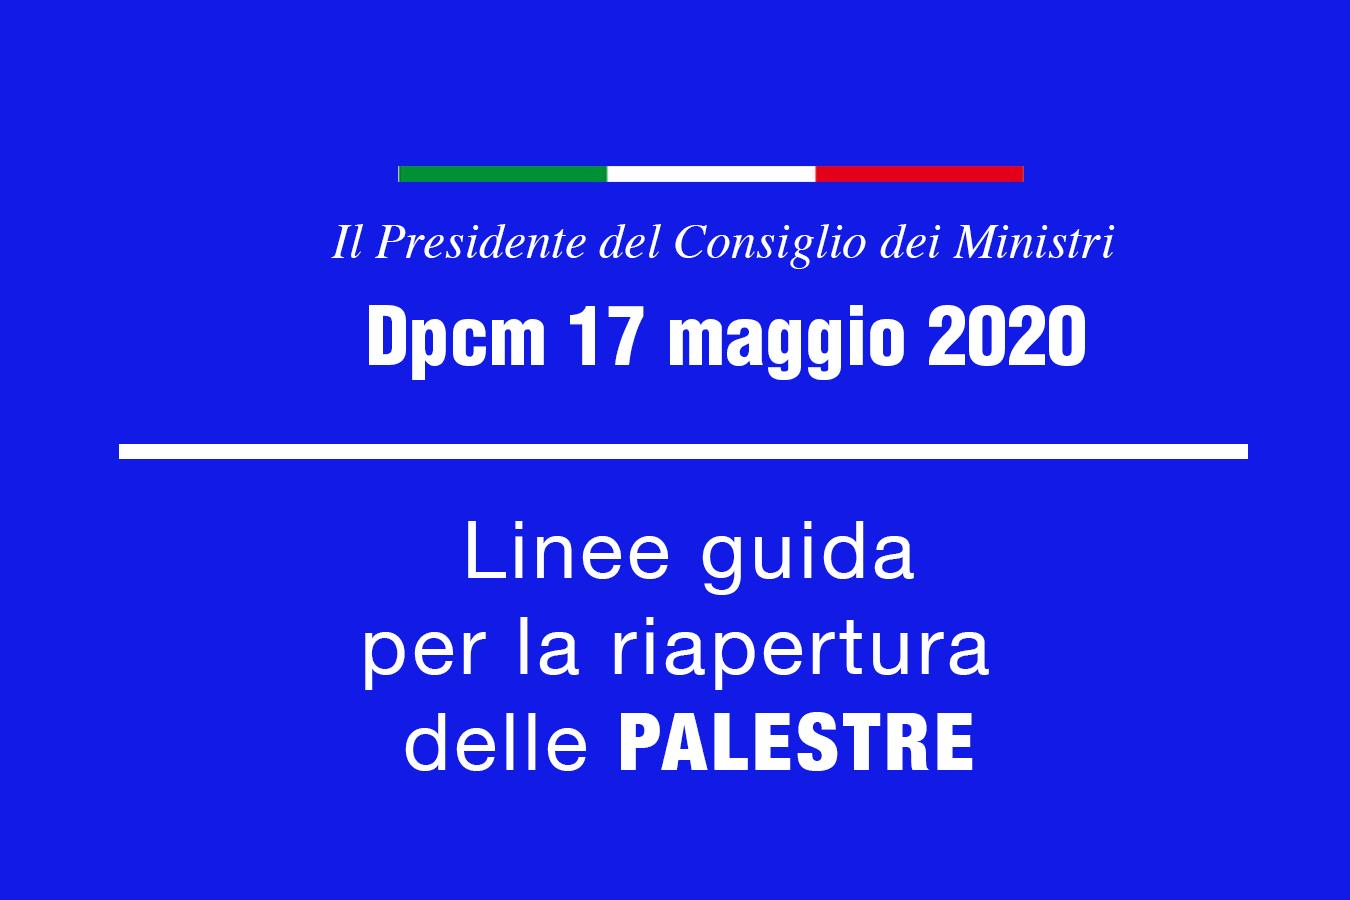 Dpcm del 17 maggio 2020 per la riapertura delle palestre